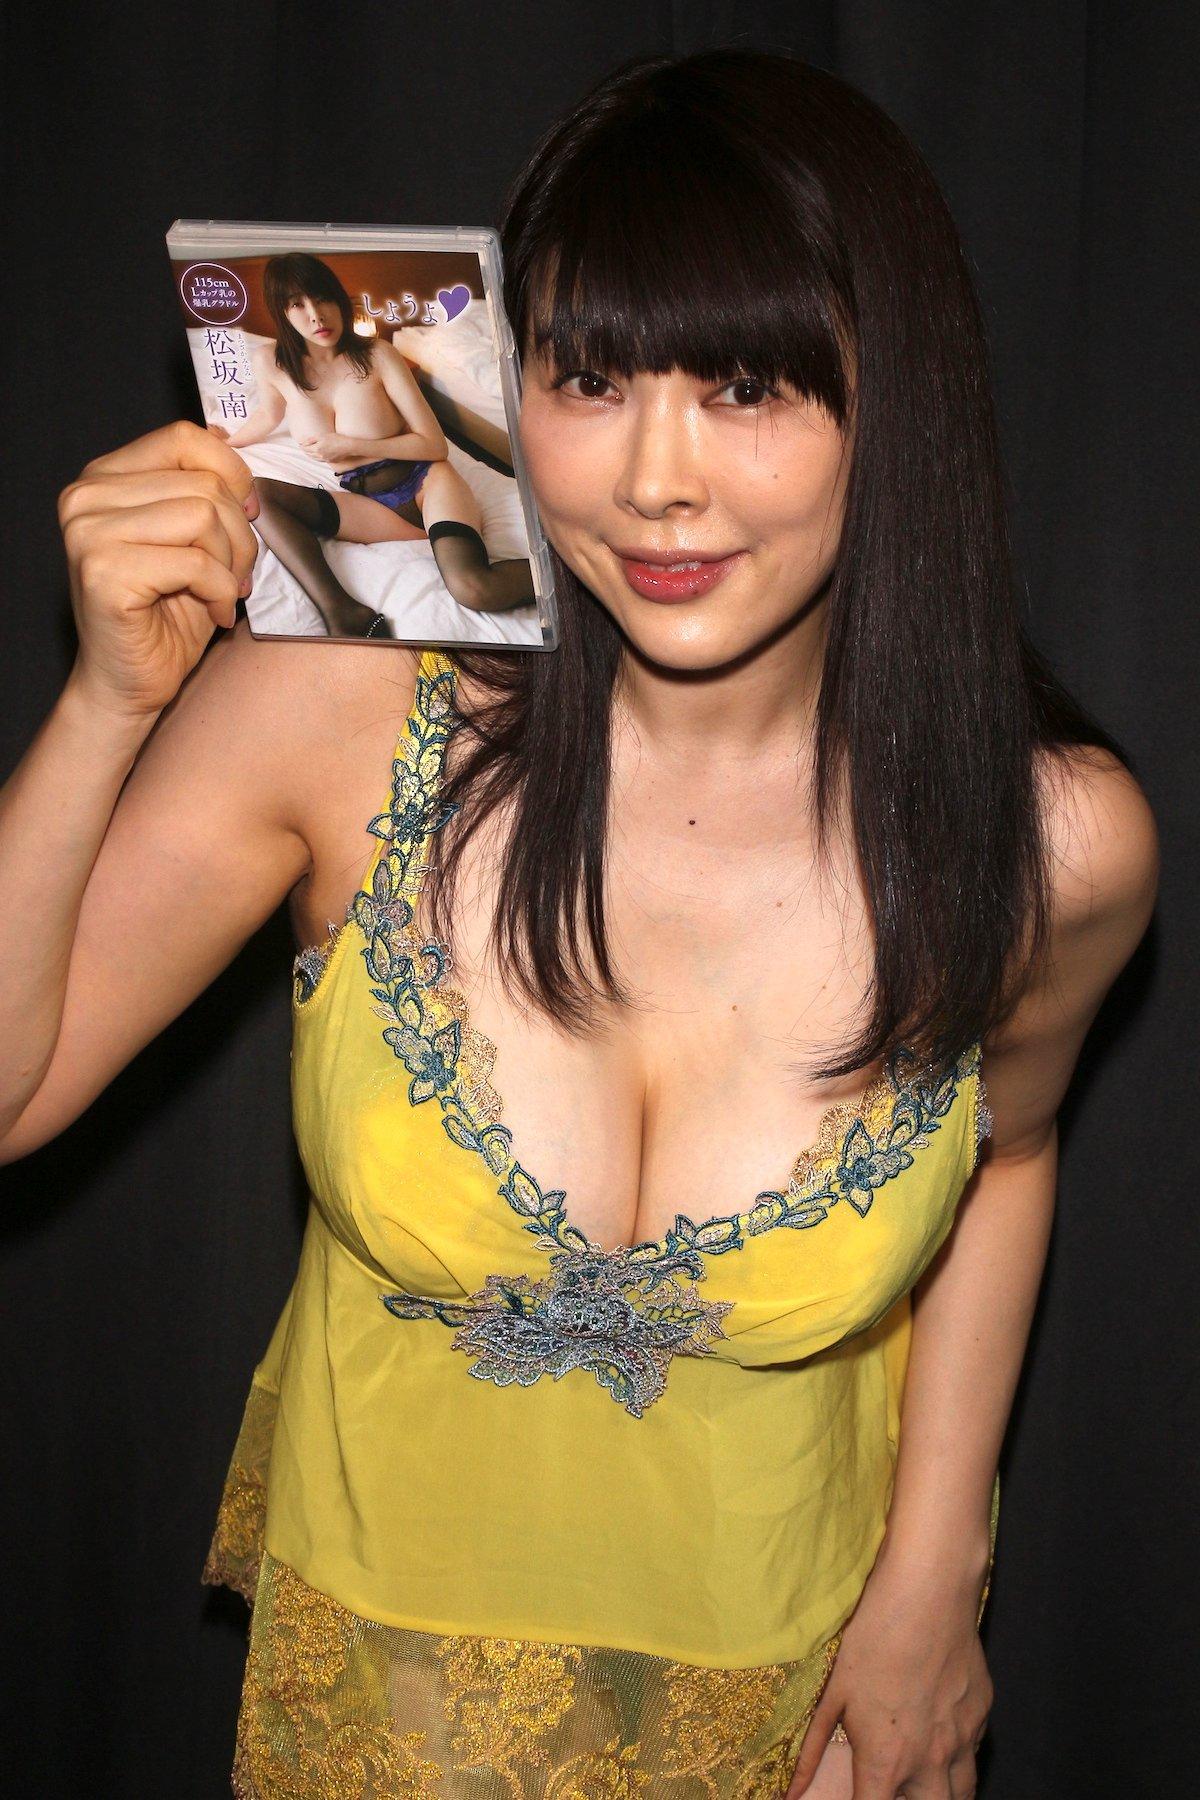 松坂南「襦袢を着崩してMっぽい雰囲気に」和風セクシーに挑戦【画像46枚】の画像037